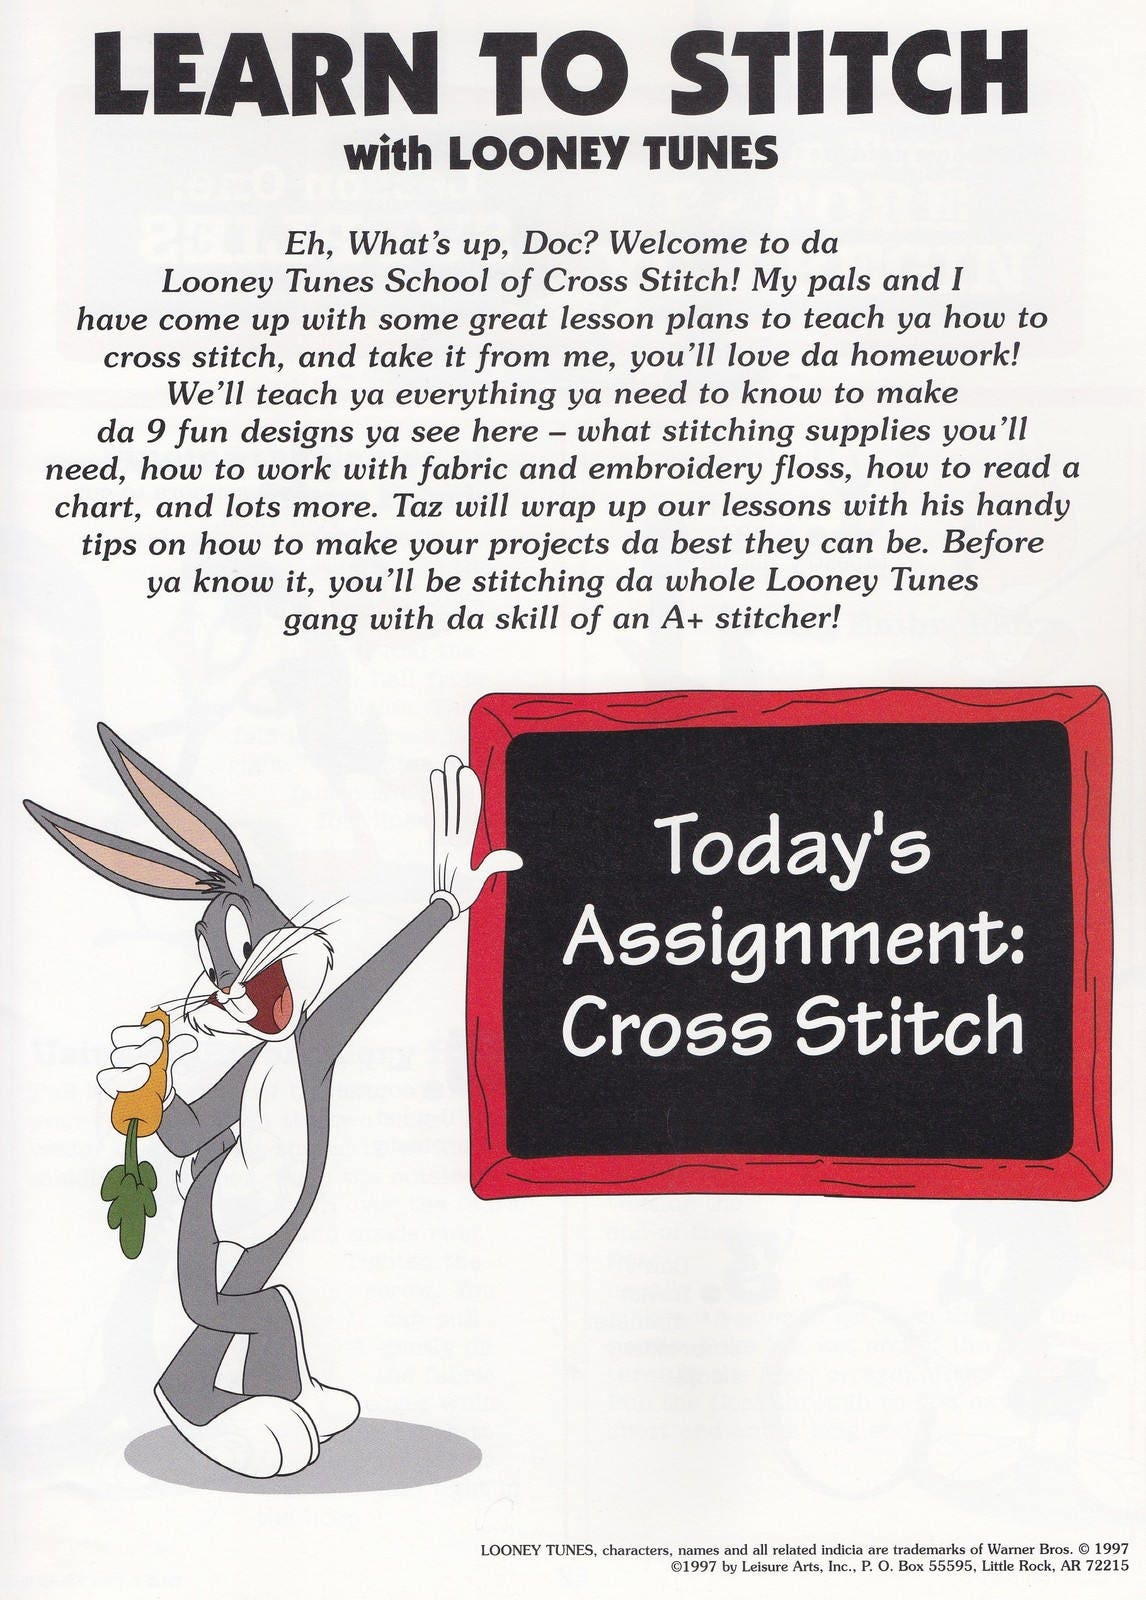 Aprender a coser con Looney Tunes, ocio artes cruzan puntada patrón ...